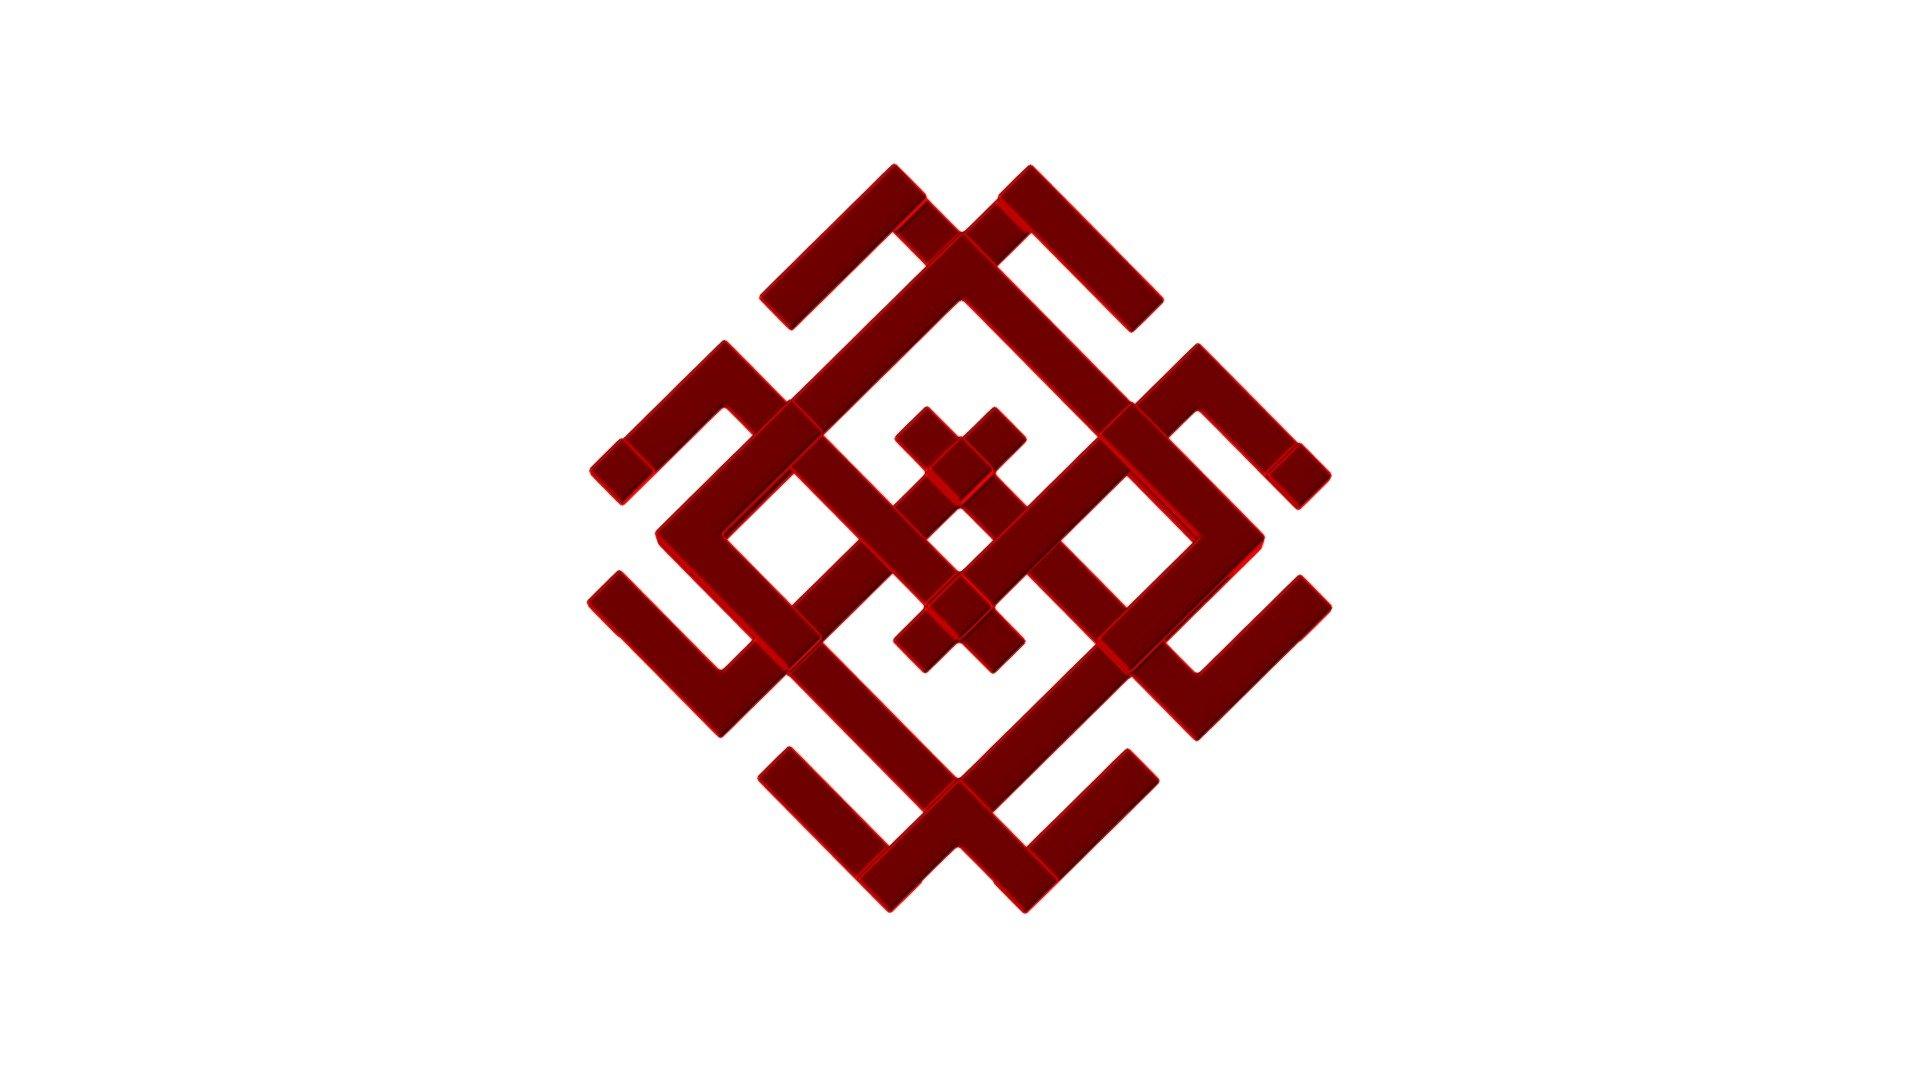 Руна белобог картинка